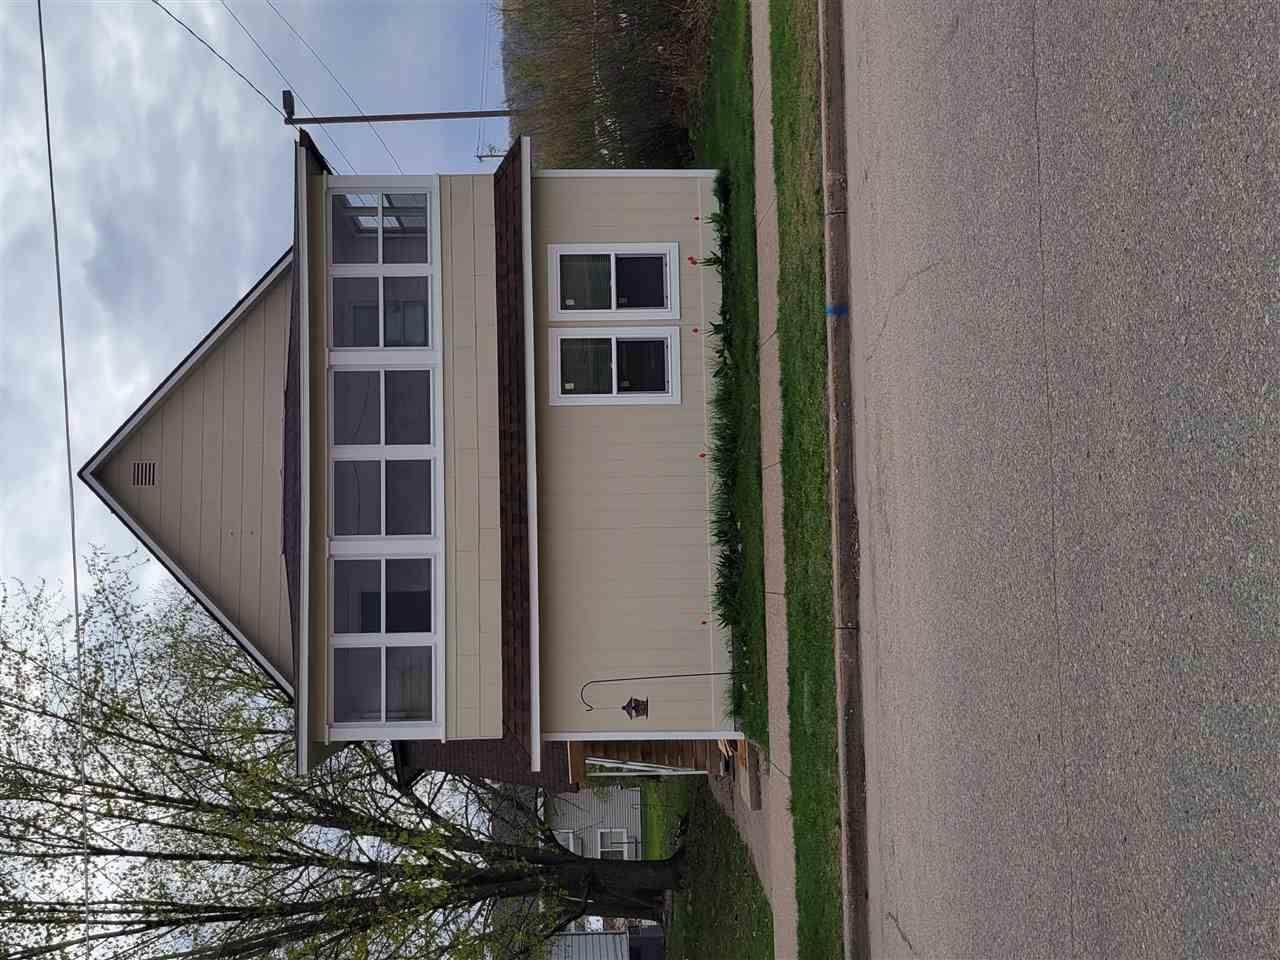 115 S Prairie St, Prairie du Chien, WI 53821 - #: 1907207